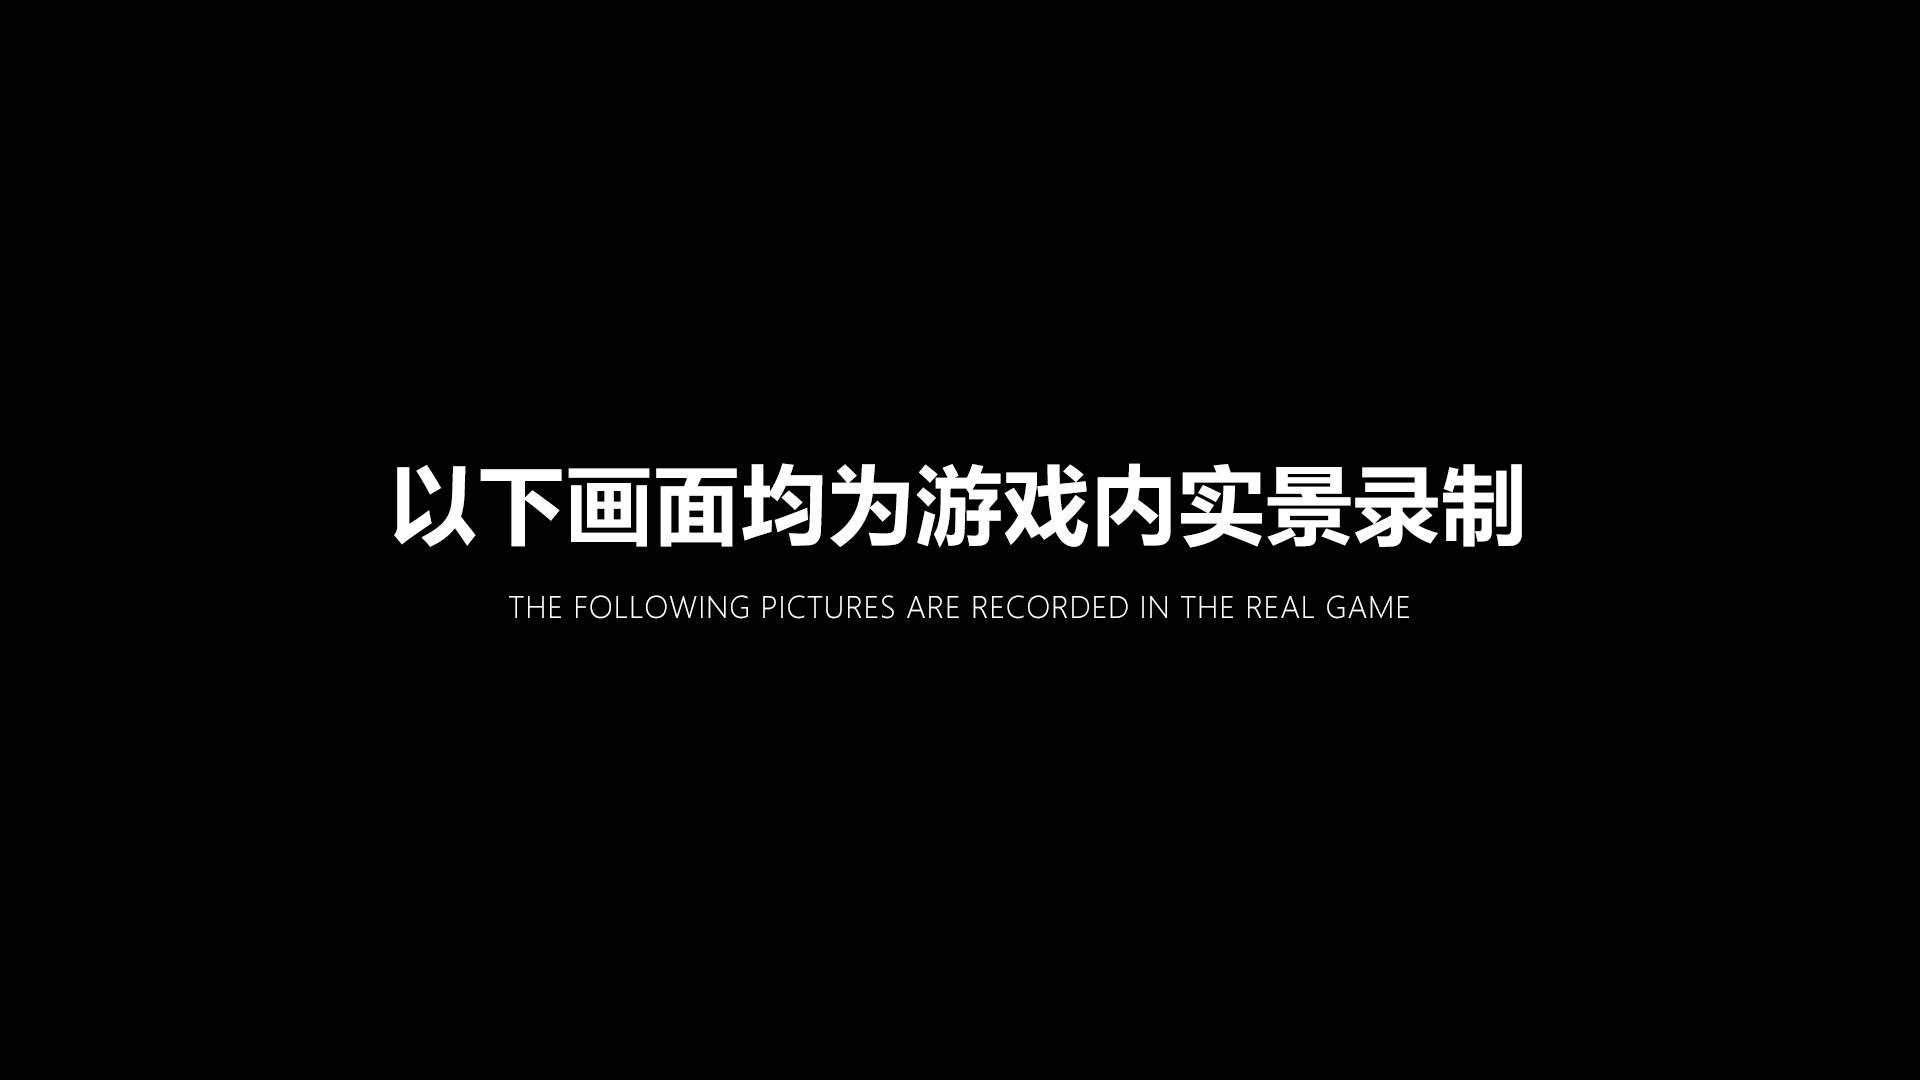 六月游戏新游 《群龙默示录》国服测试定档预告